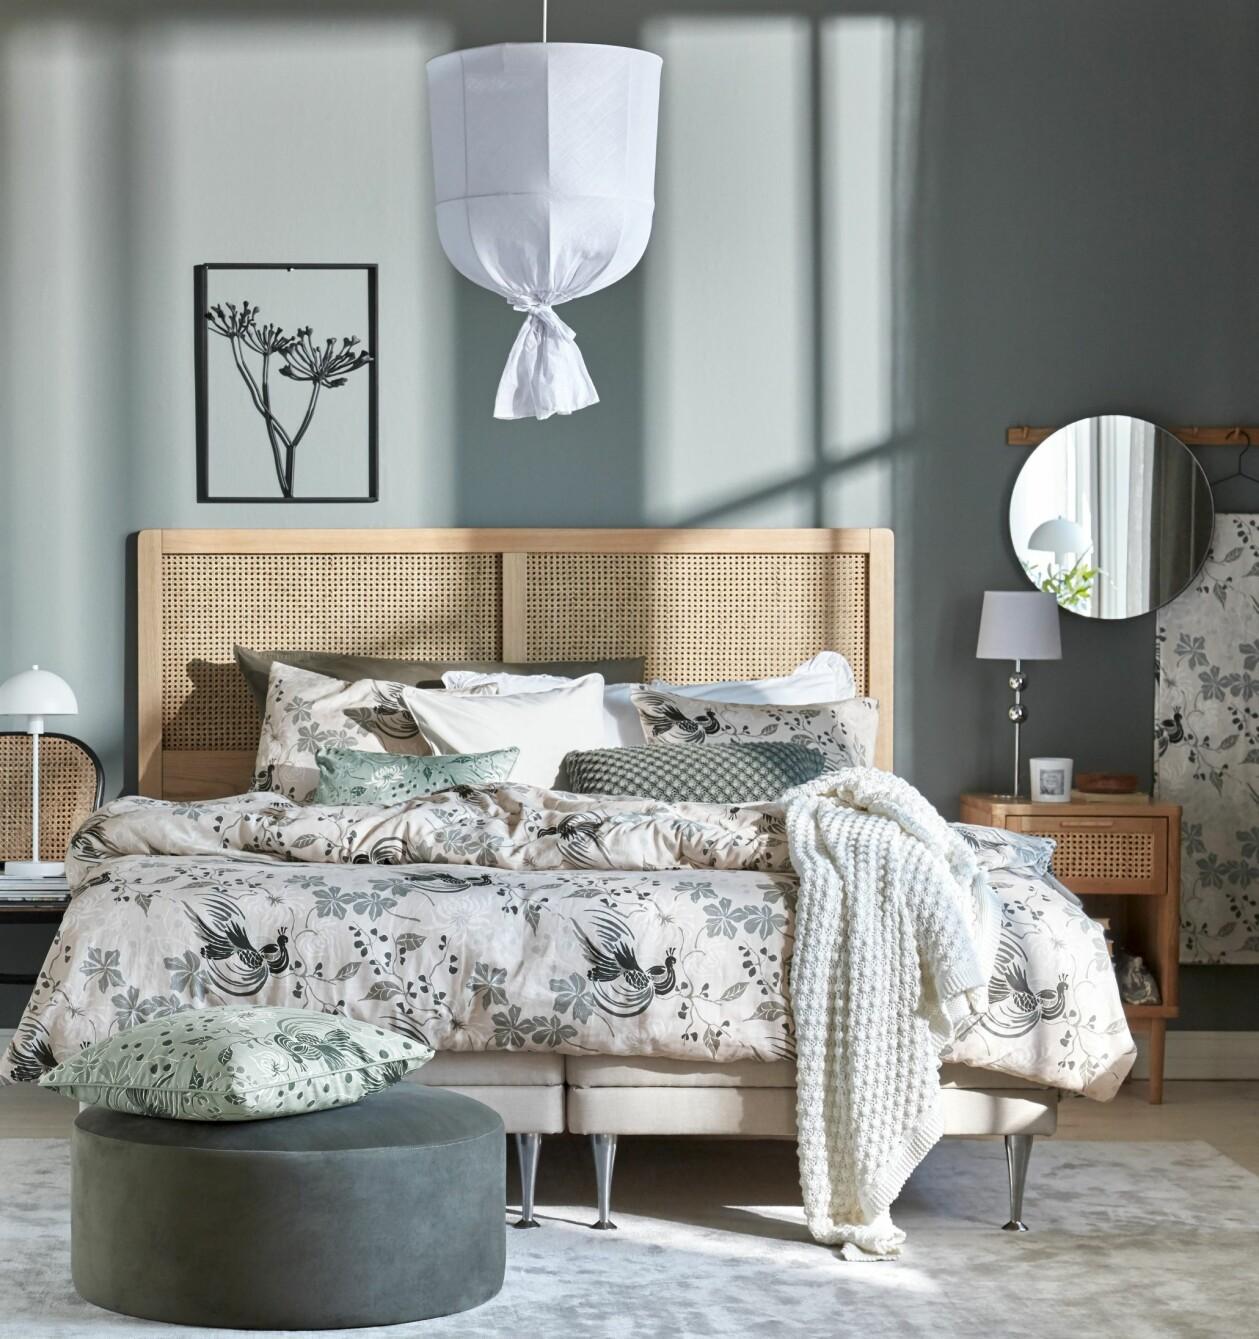 Sovrum med mönstrat påslakanset, grön vägg och rottinggavel, från Mio